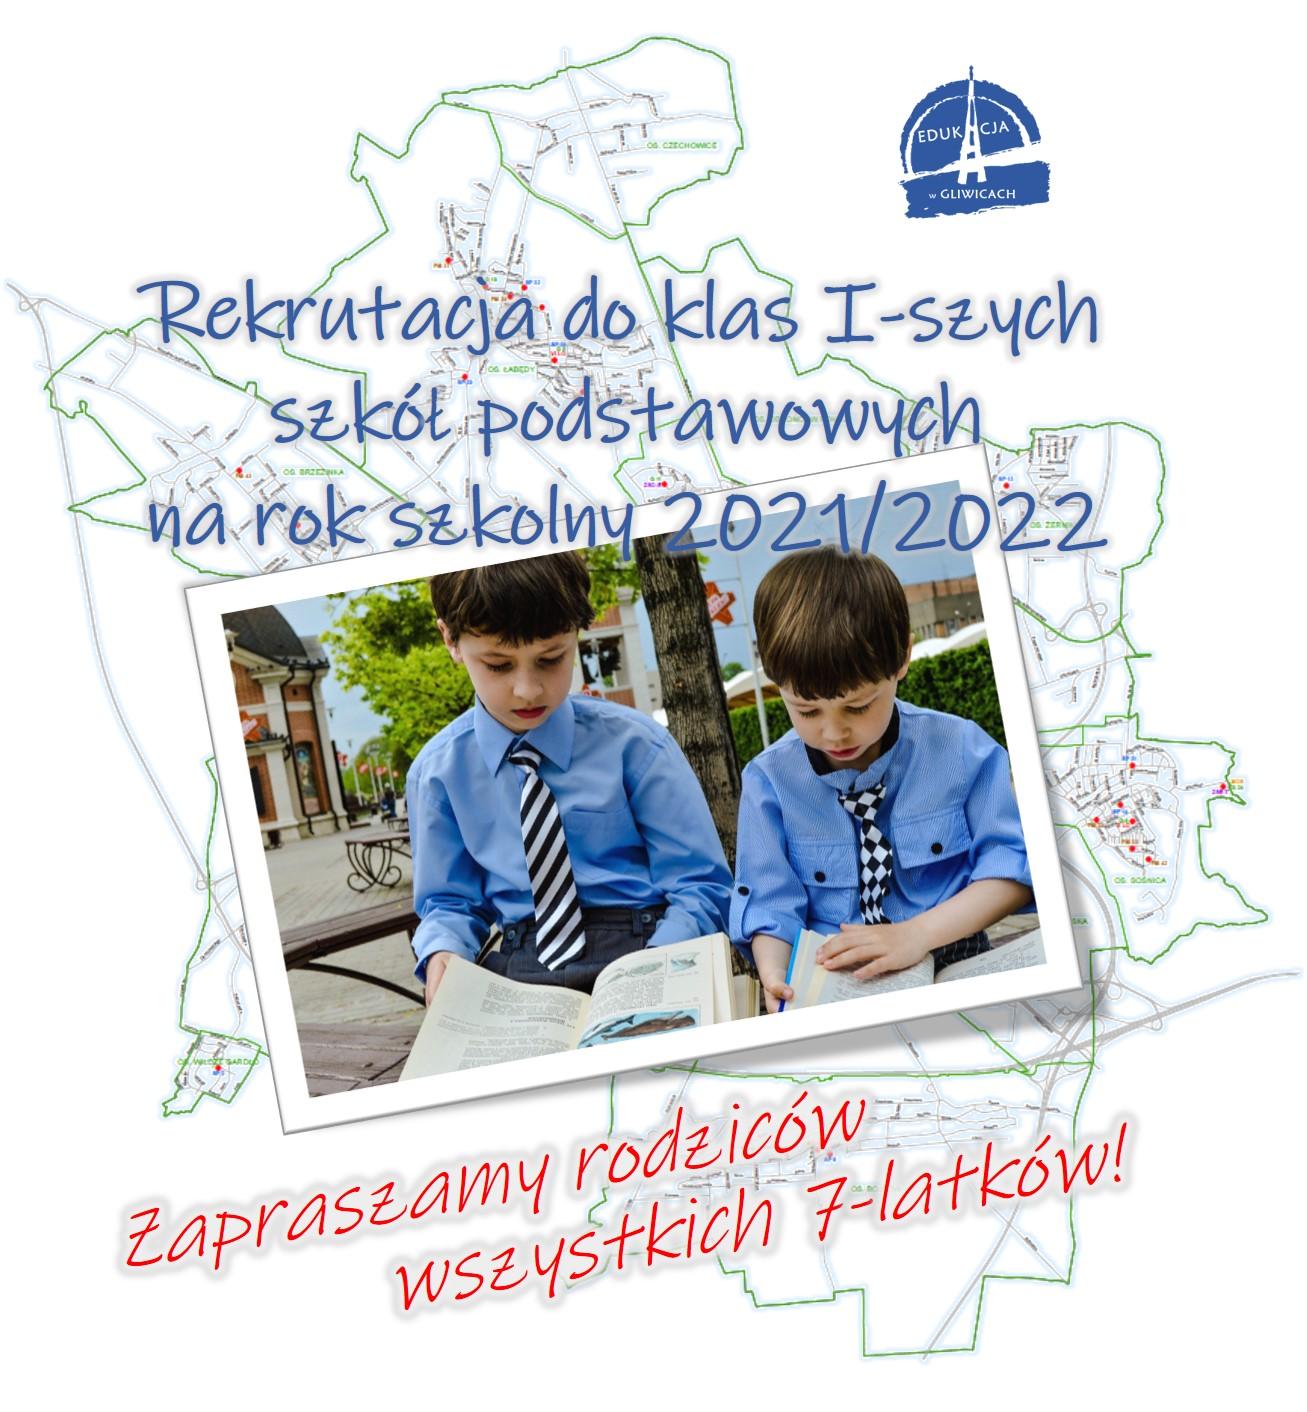 szkoły podstawowe - rekrutacja 2021/2022